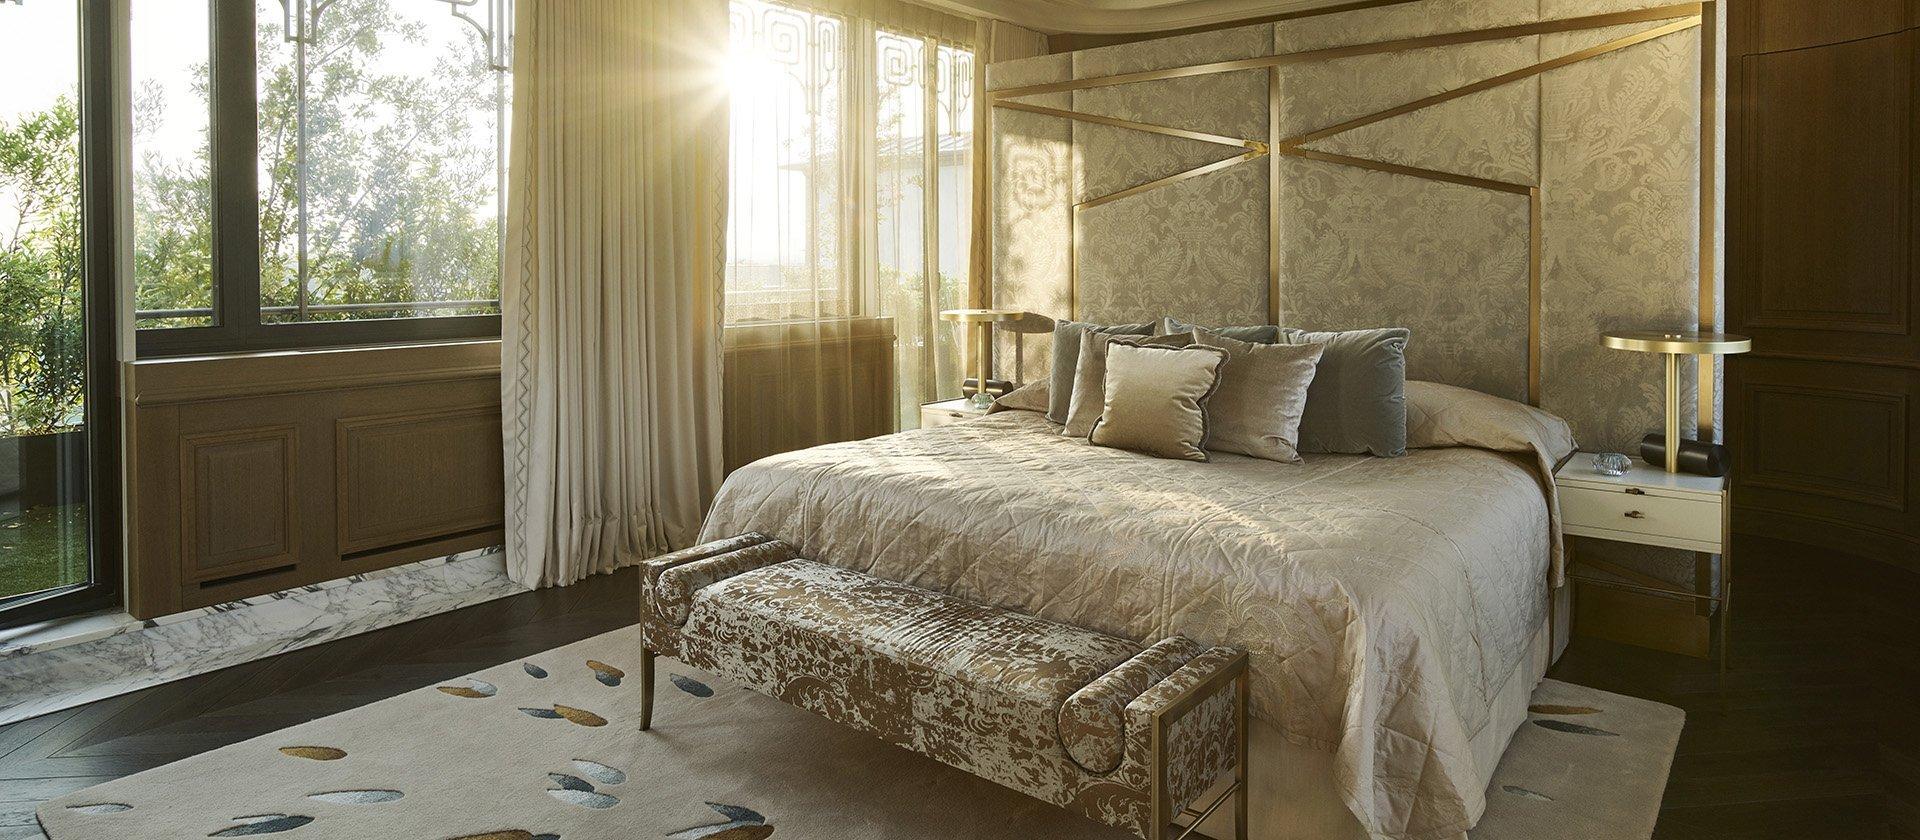 Belle Etoile Penthouse Suite With Terrace Dorchester